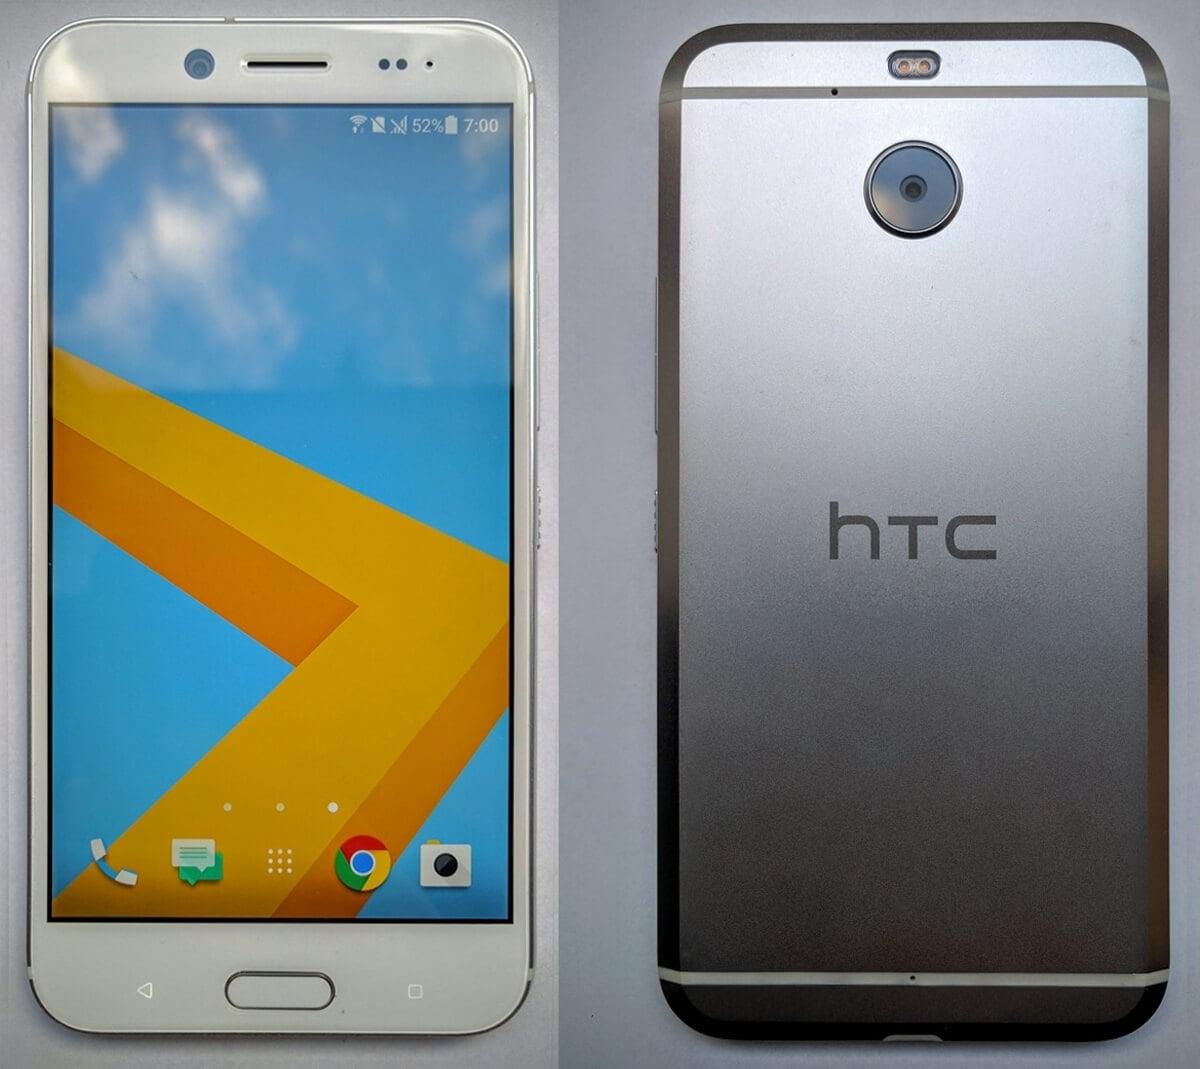 Tabletowo.pl Oto, jak wygląda HTC Bolt - nowy smartfon z Tajwanu bez jacka 3,5 mm HTC Plotki / Przecieki Smartfony